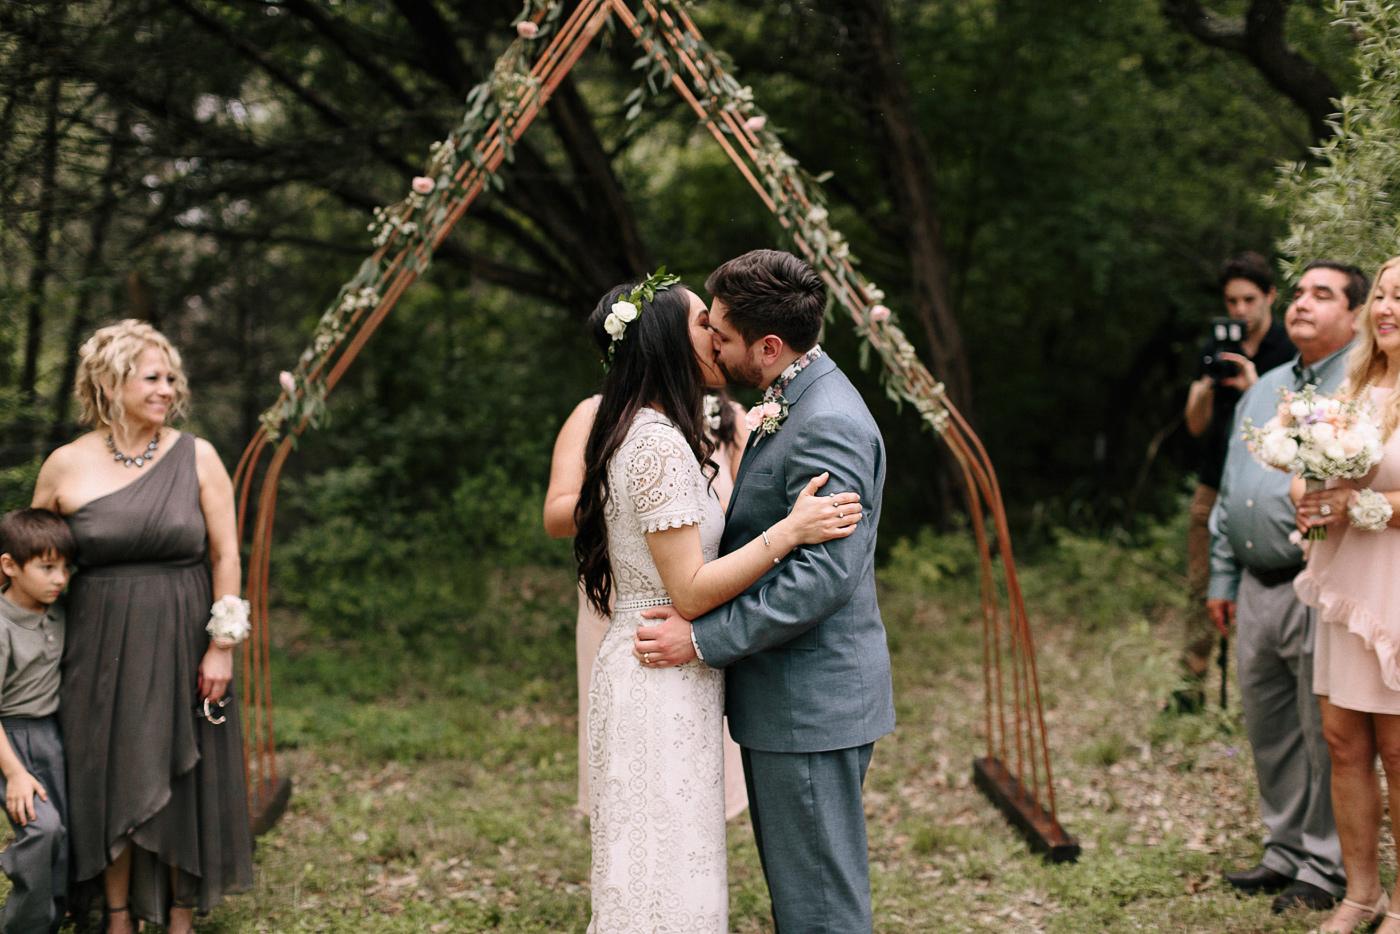 317-wimberley-texas-intimate-backyard-wedding.jpg